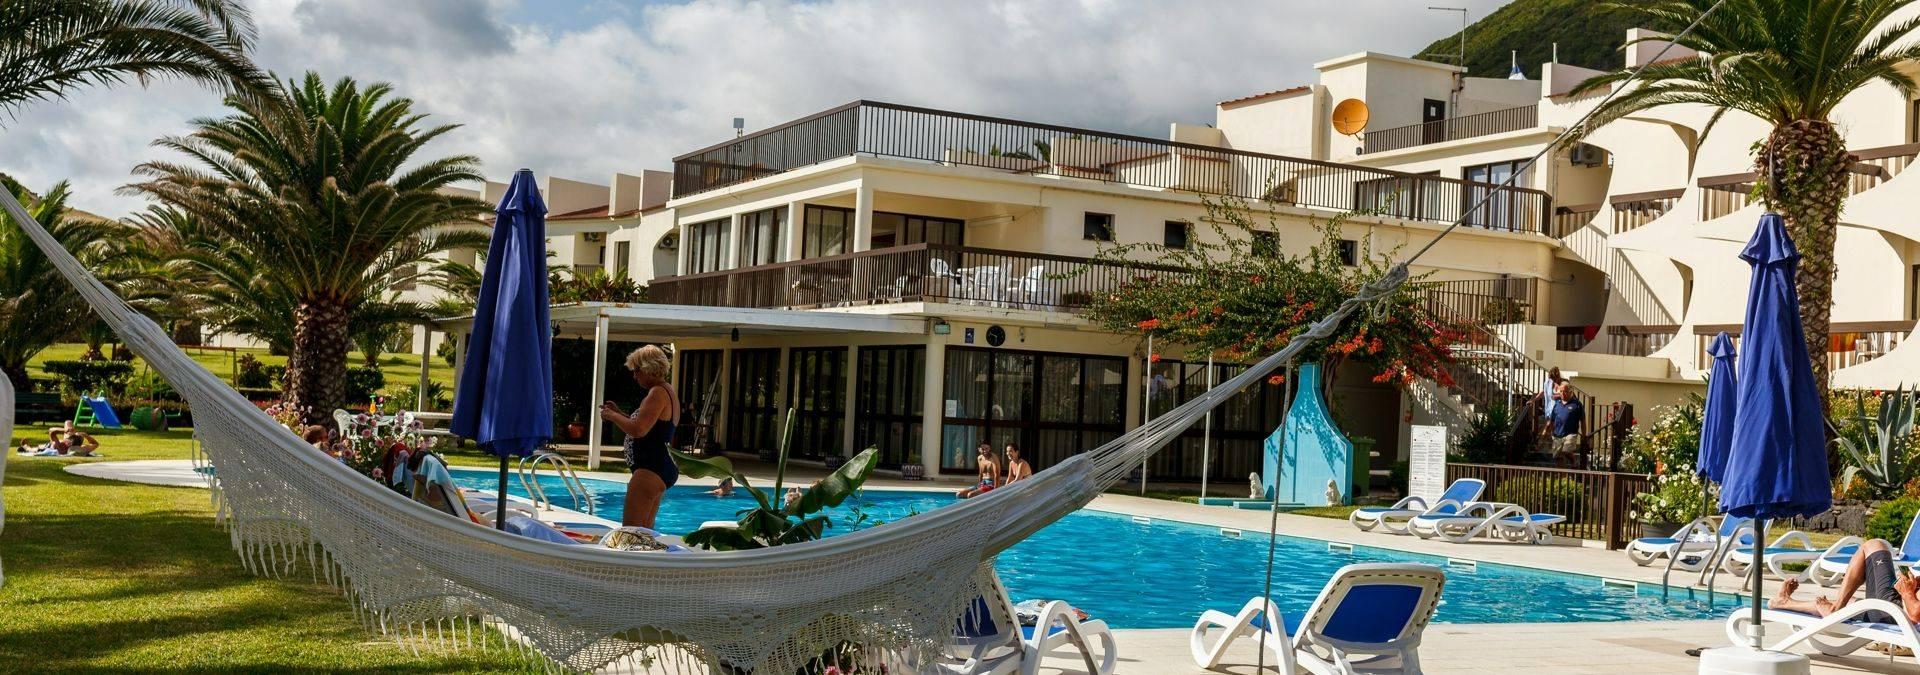 Credit: Hotel Sao Jorge